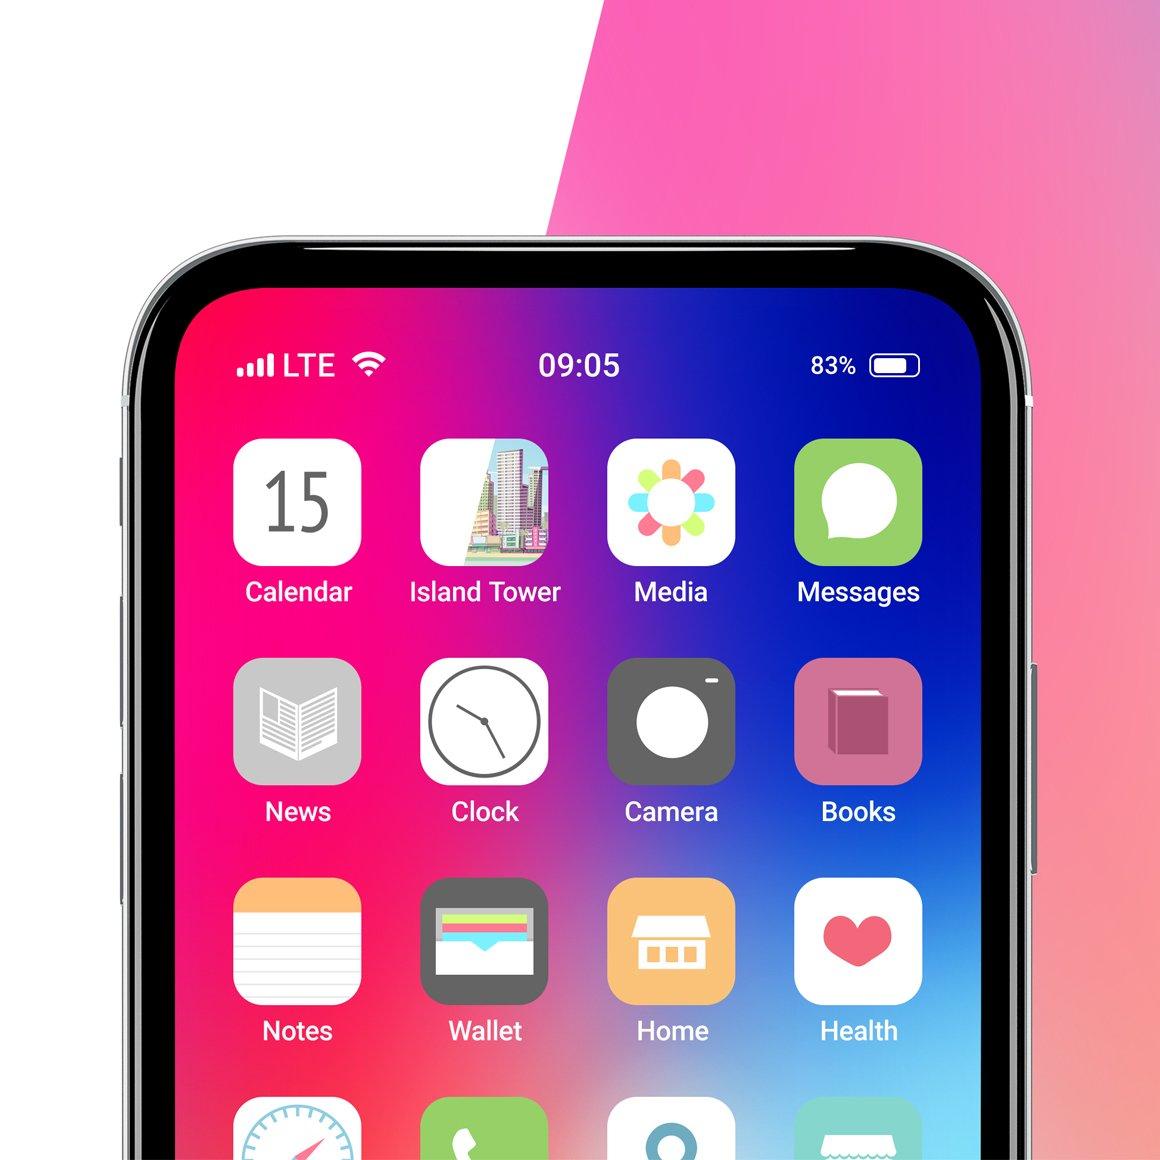 APP应用界面设计手机屏幕演示样机 Phone App Mockups Set插图(6)